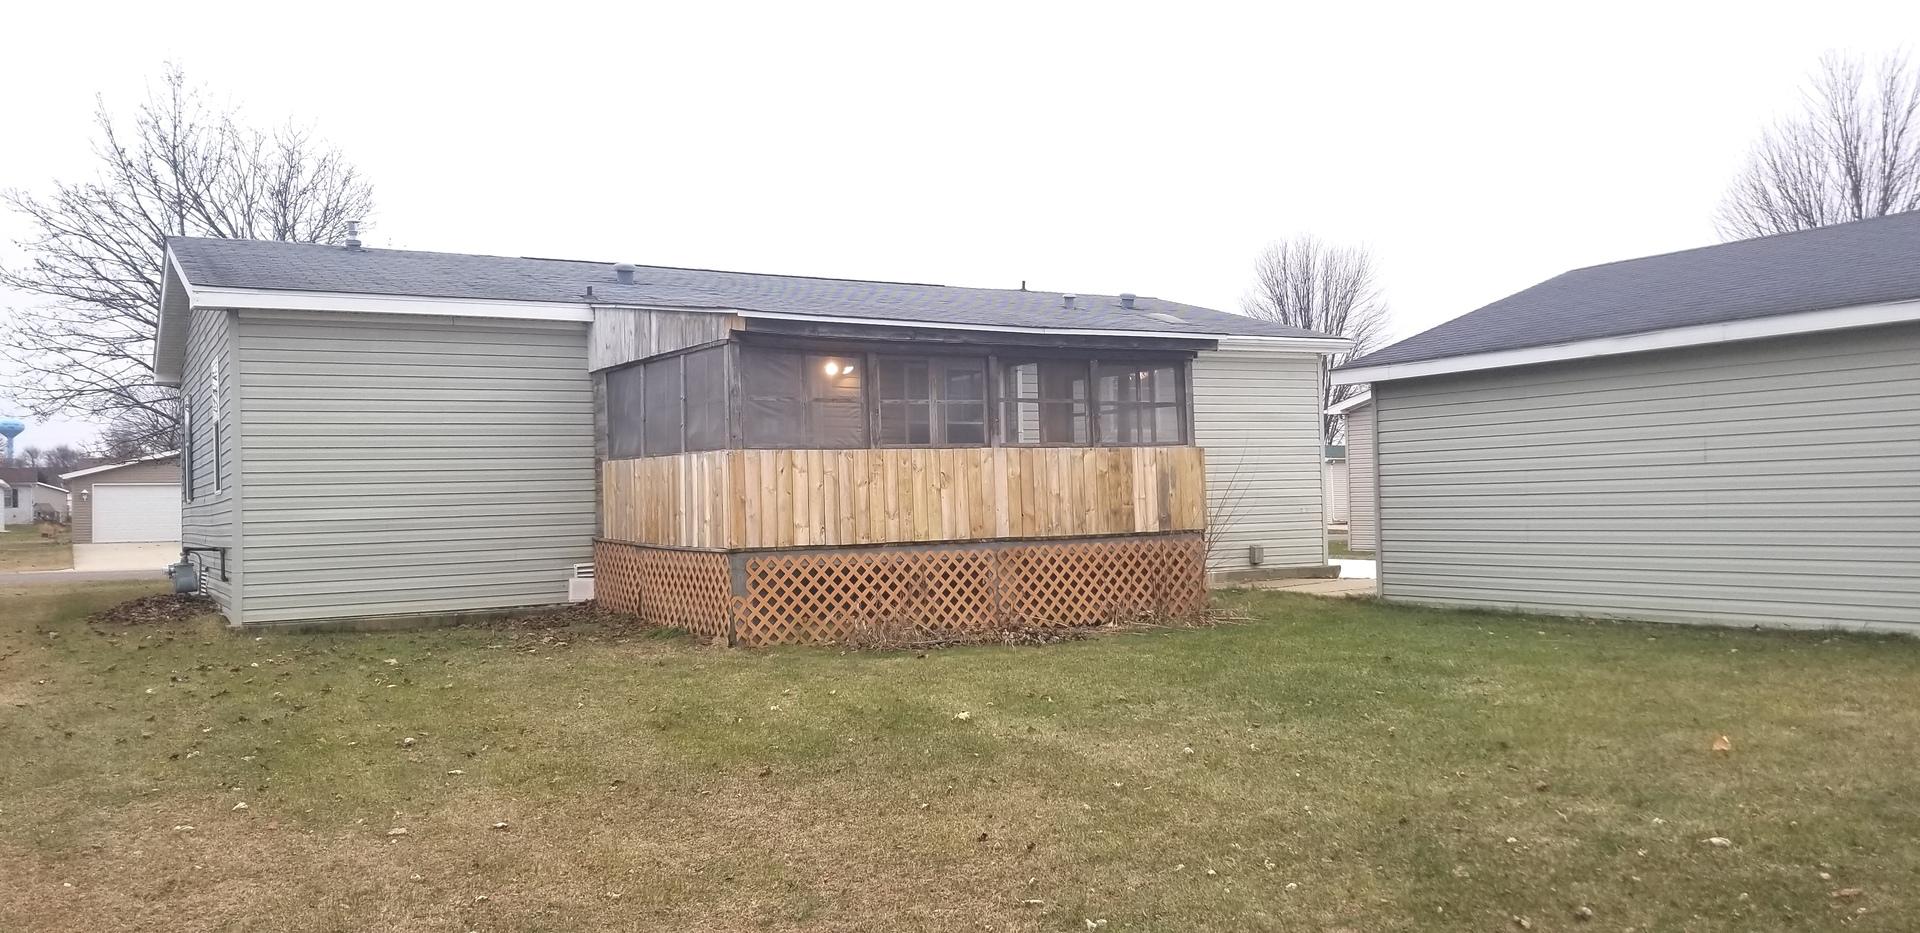 5490 EBONYWOOD, Roscoe, Illinois, 61073